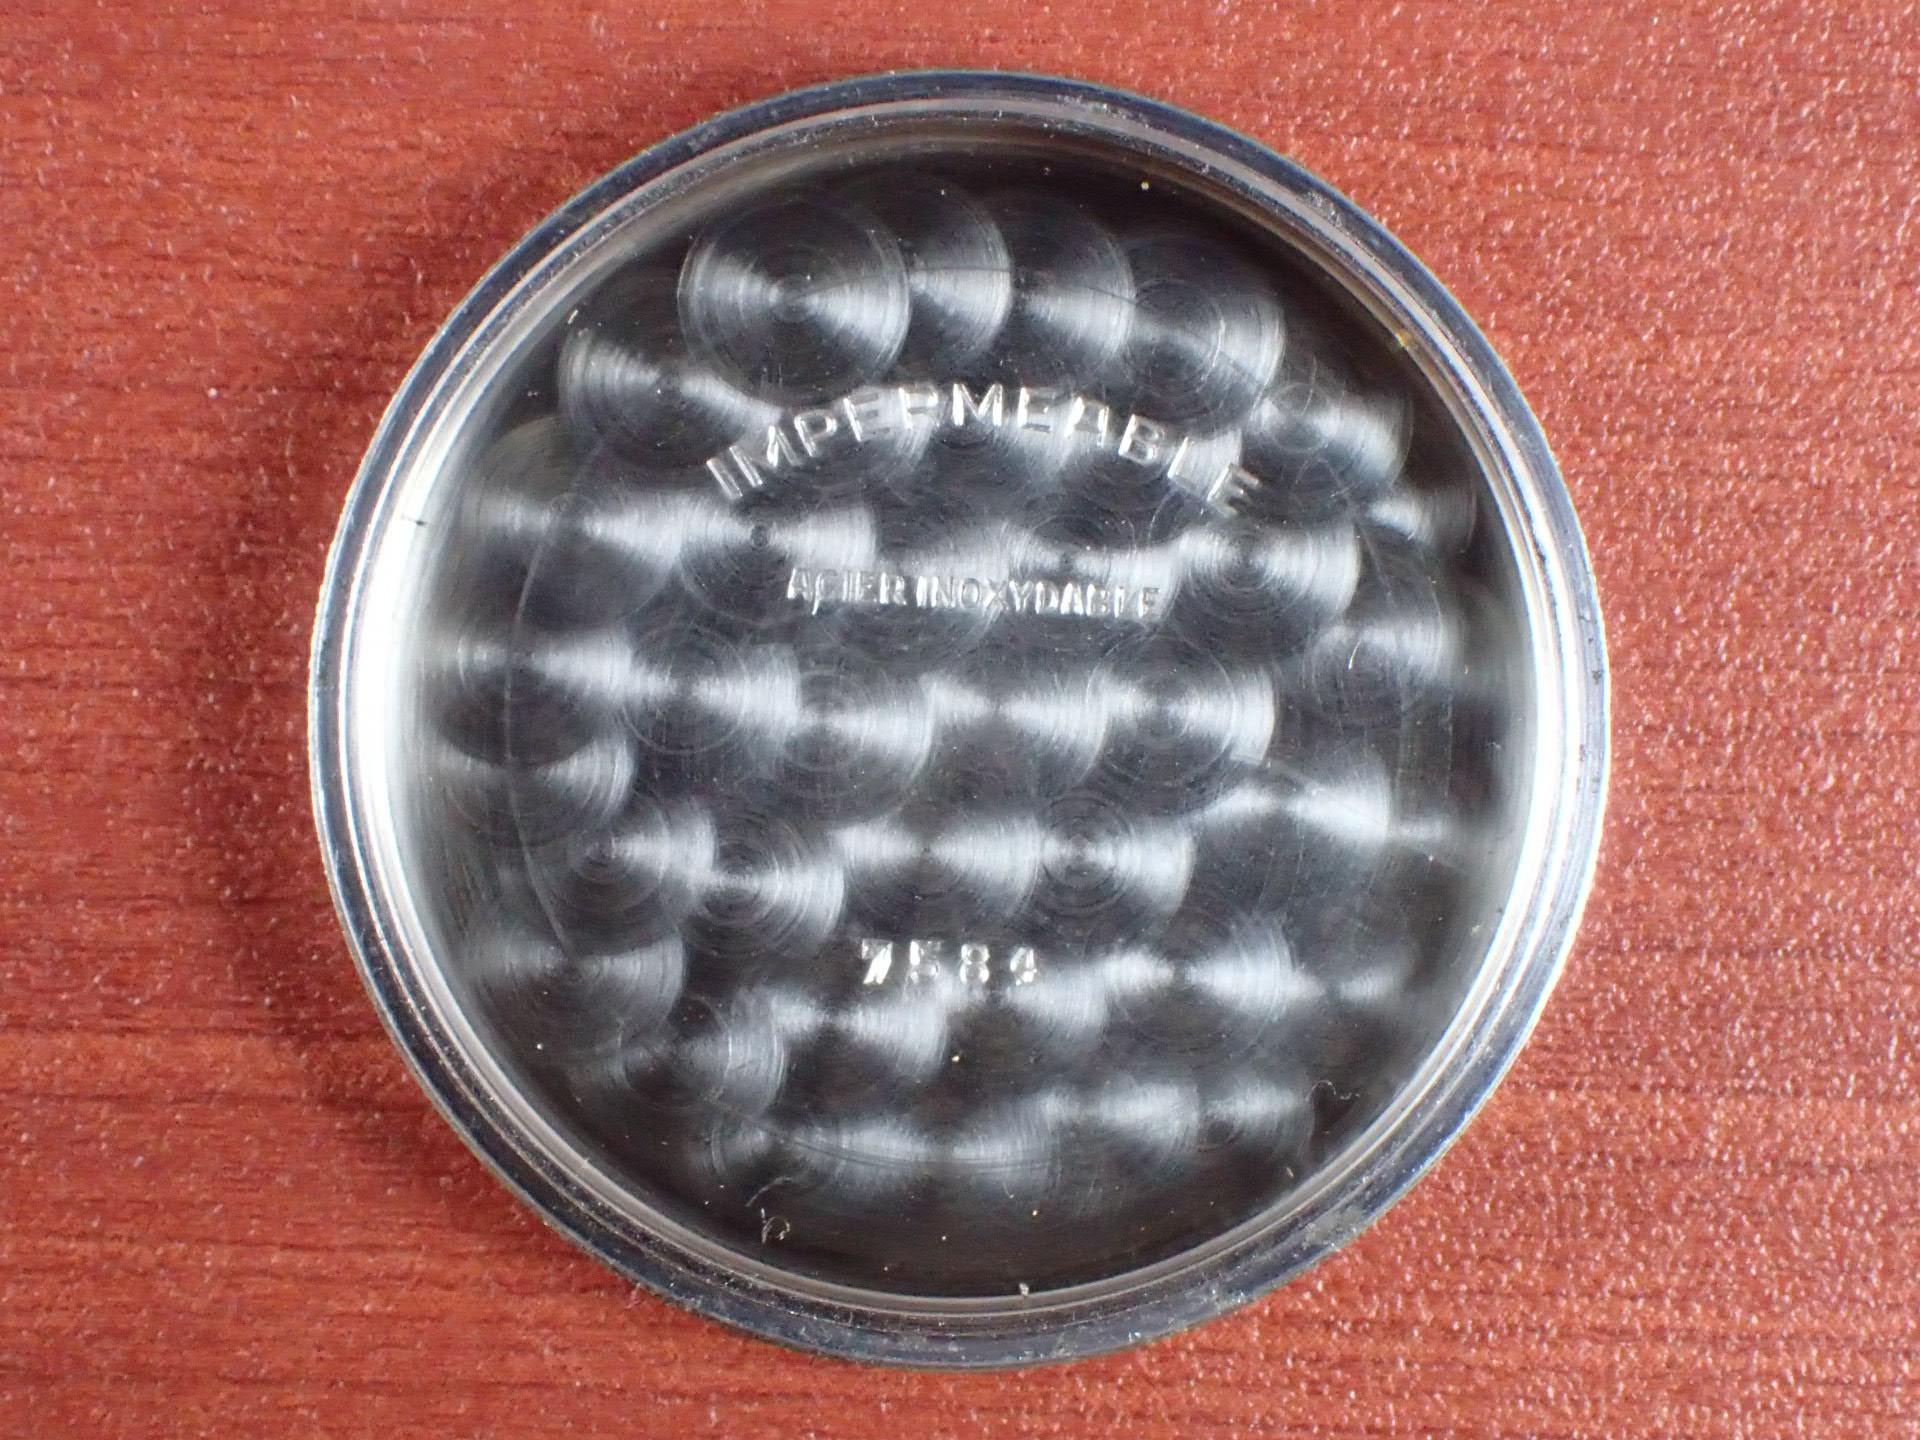 無銘 クロノグラフ Cal.Venus170 ブラックミラーダイアル 1940年代の写真6枚目